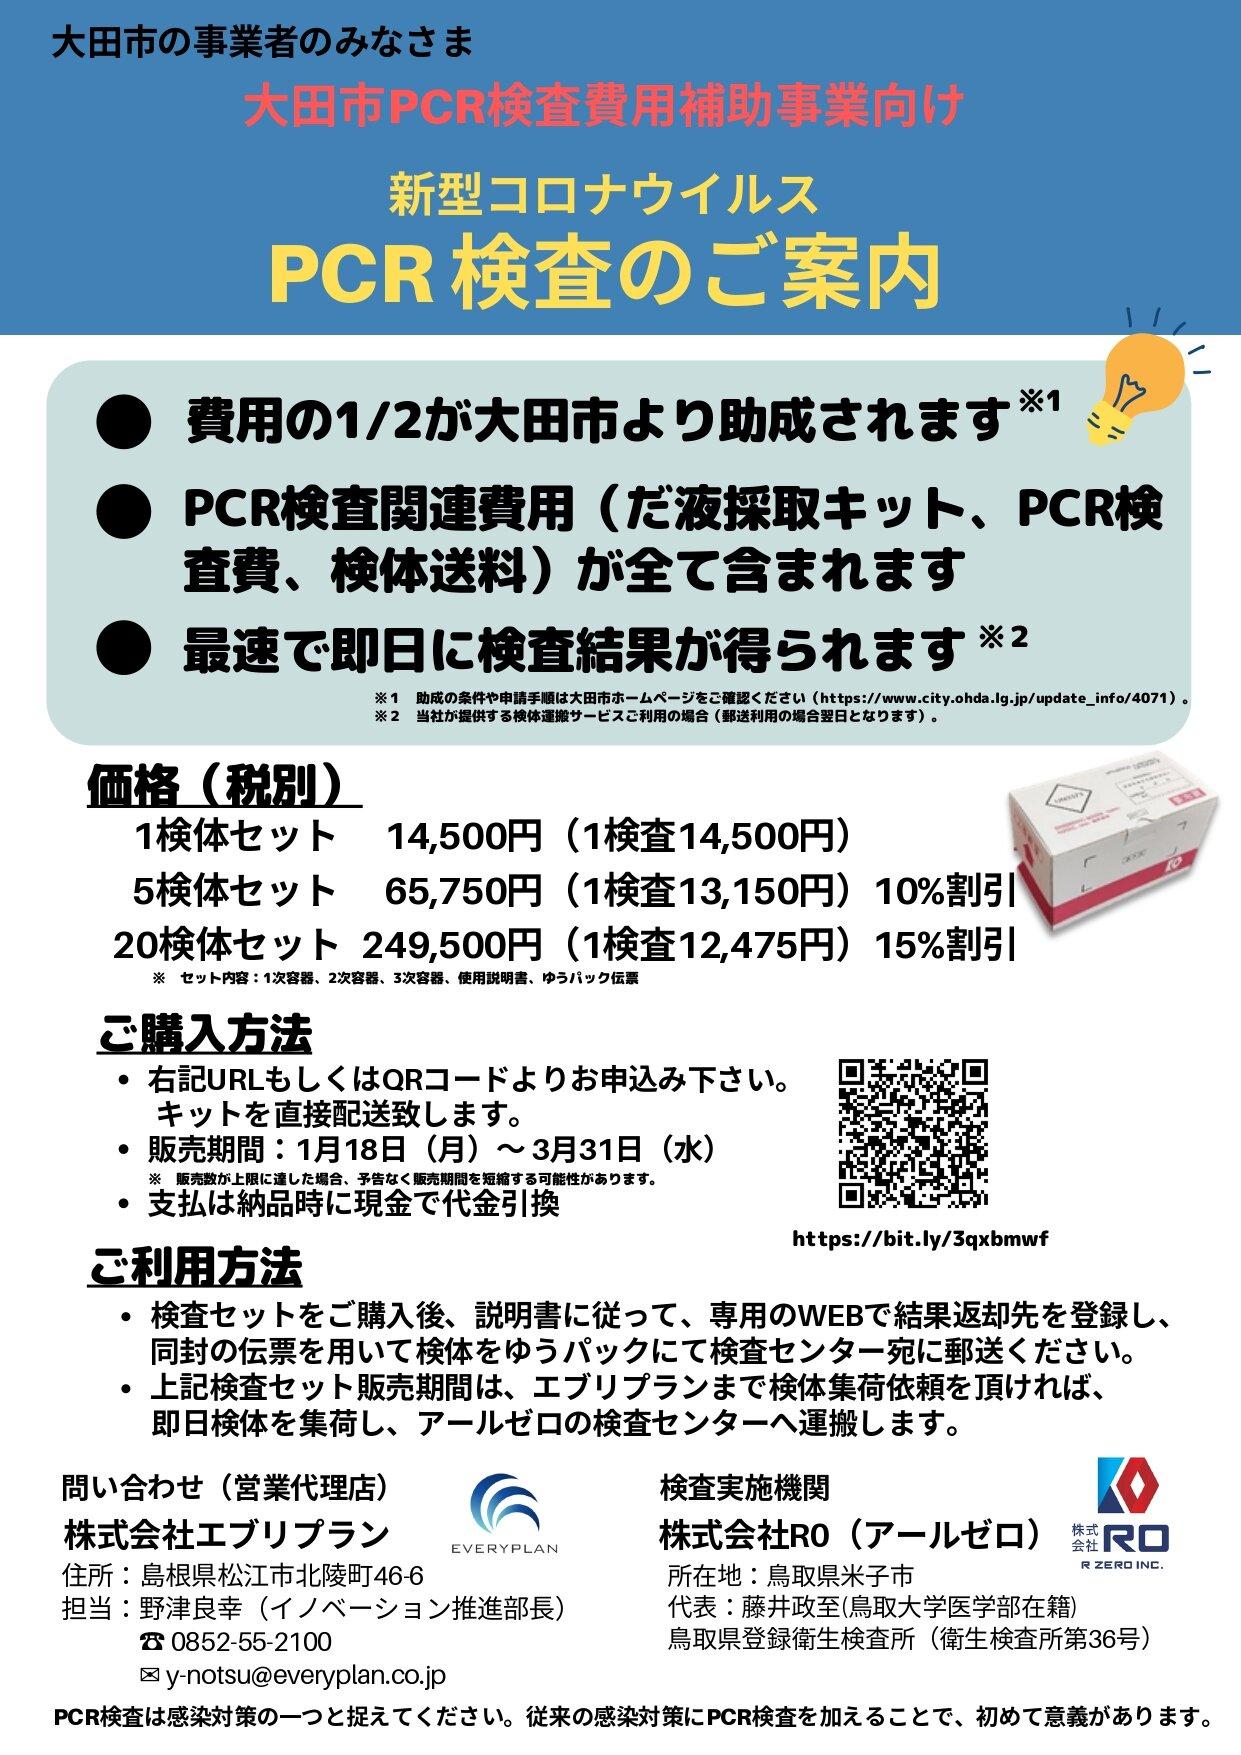 キット pcr 検査 新型コロナウイルス感染症に関する検査について|厚生労働省